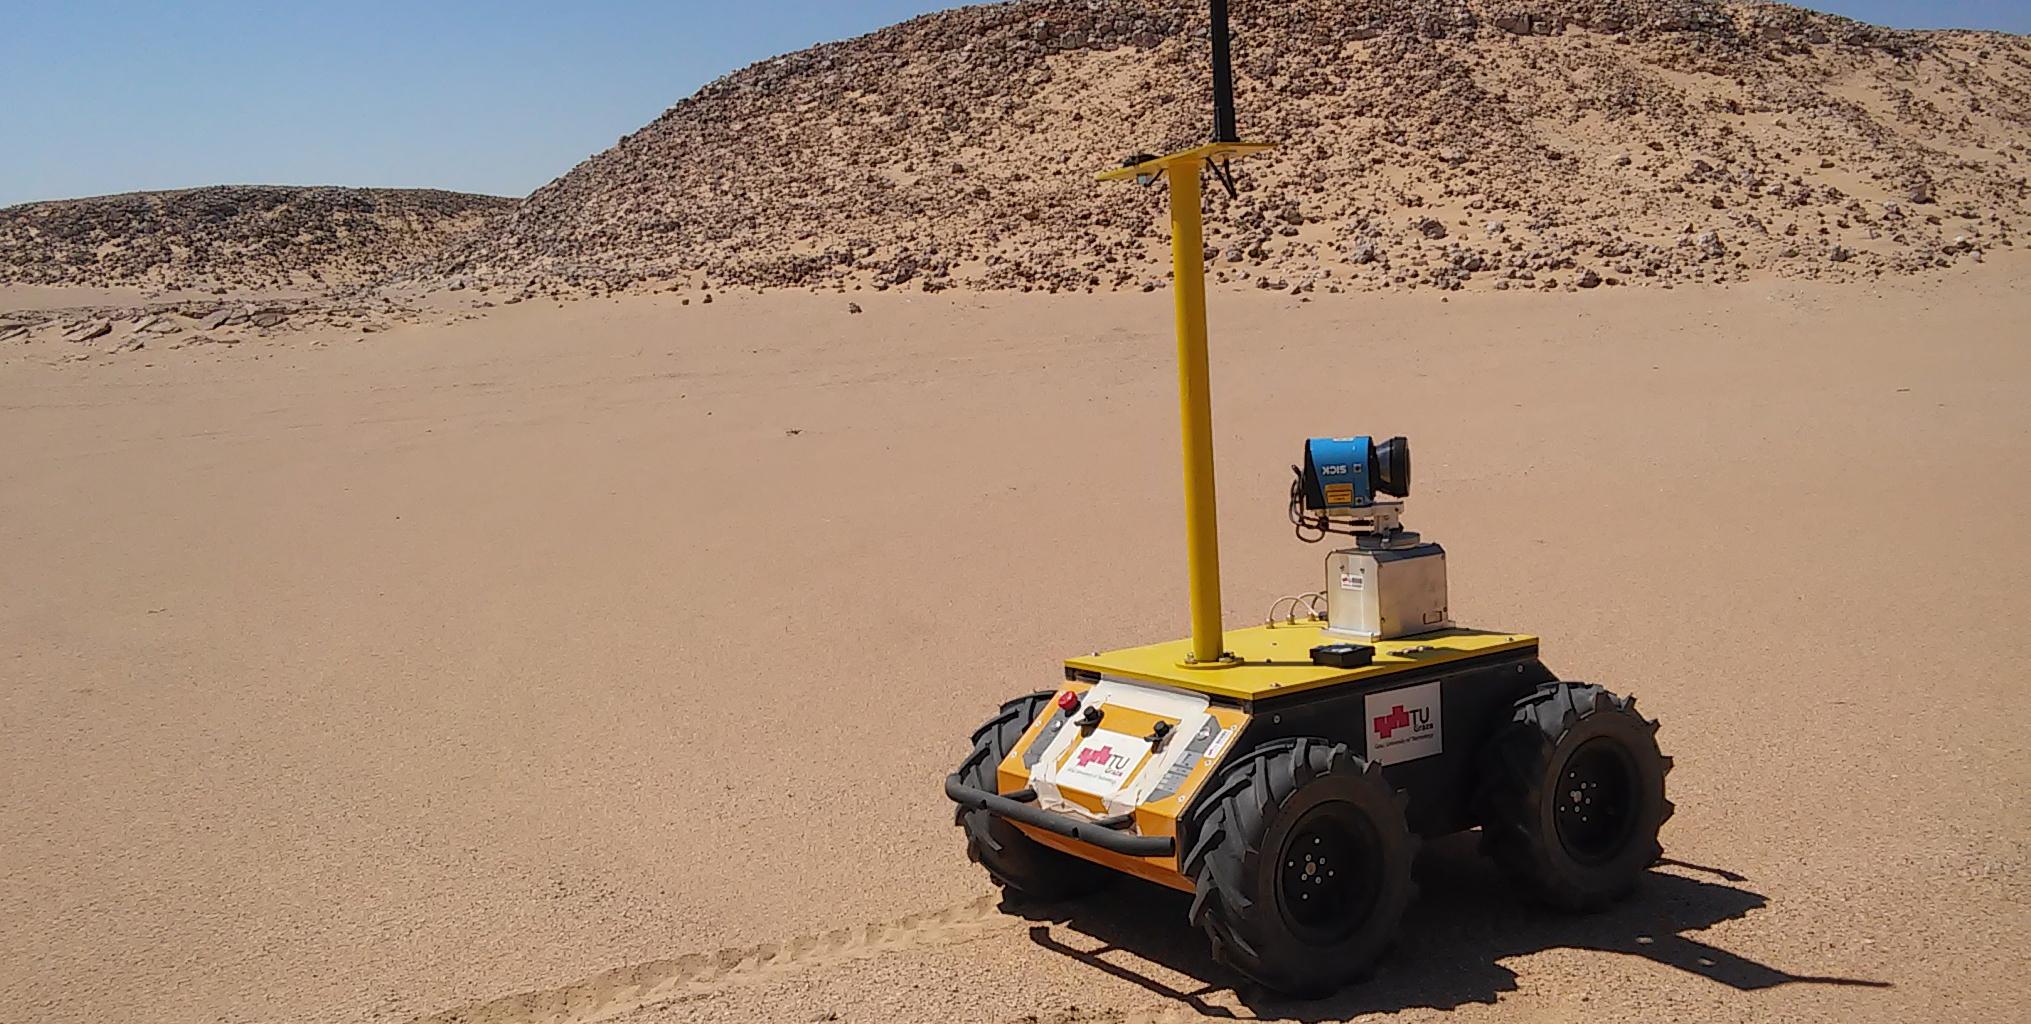 Brauner Wüstensand. Steine im Hintergrund. Vorne steht ein Roboter - er ist gelb, geformt wie eine Kiste und hat eine lange Antenne.